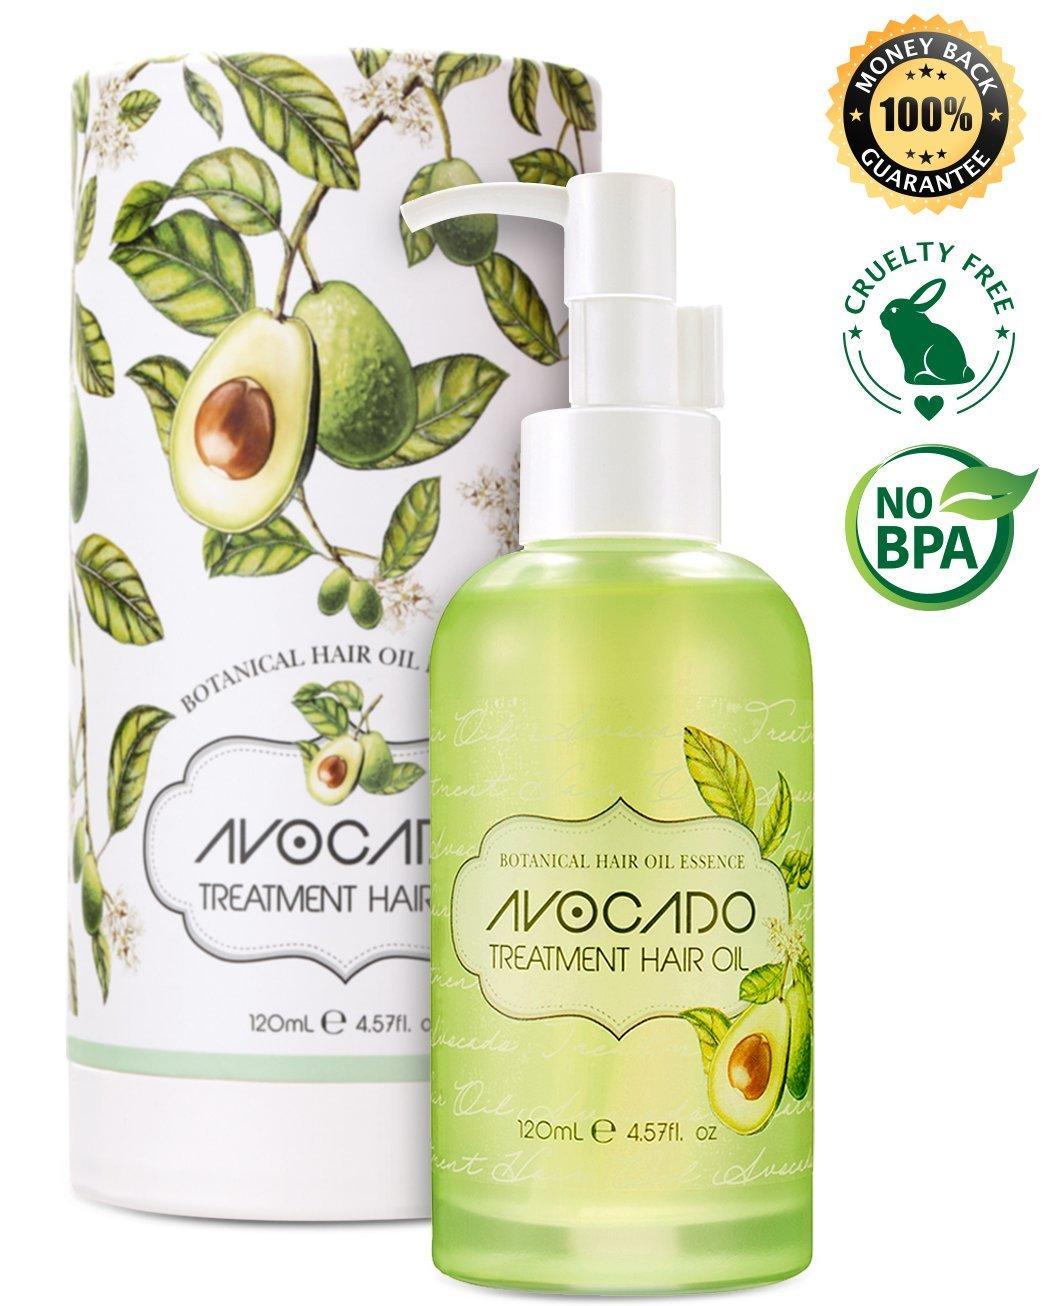 Avocado hair treatment hair oil hair serum Korean Cruelty free